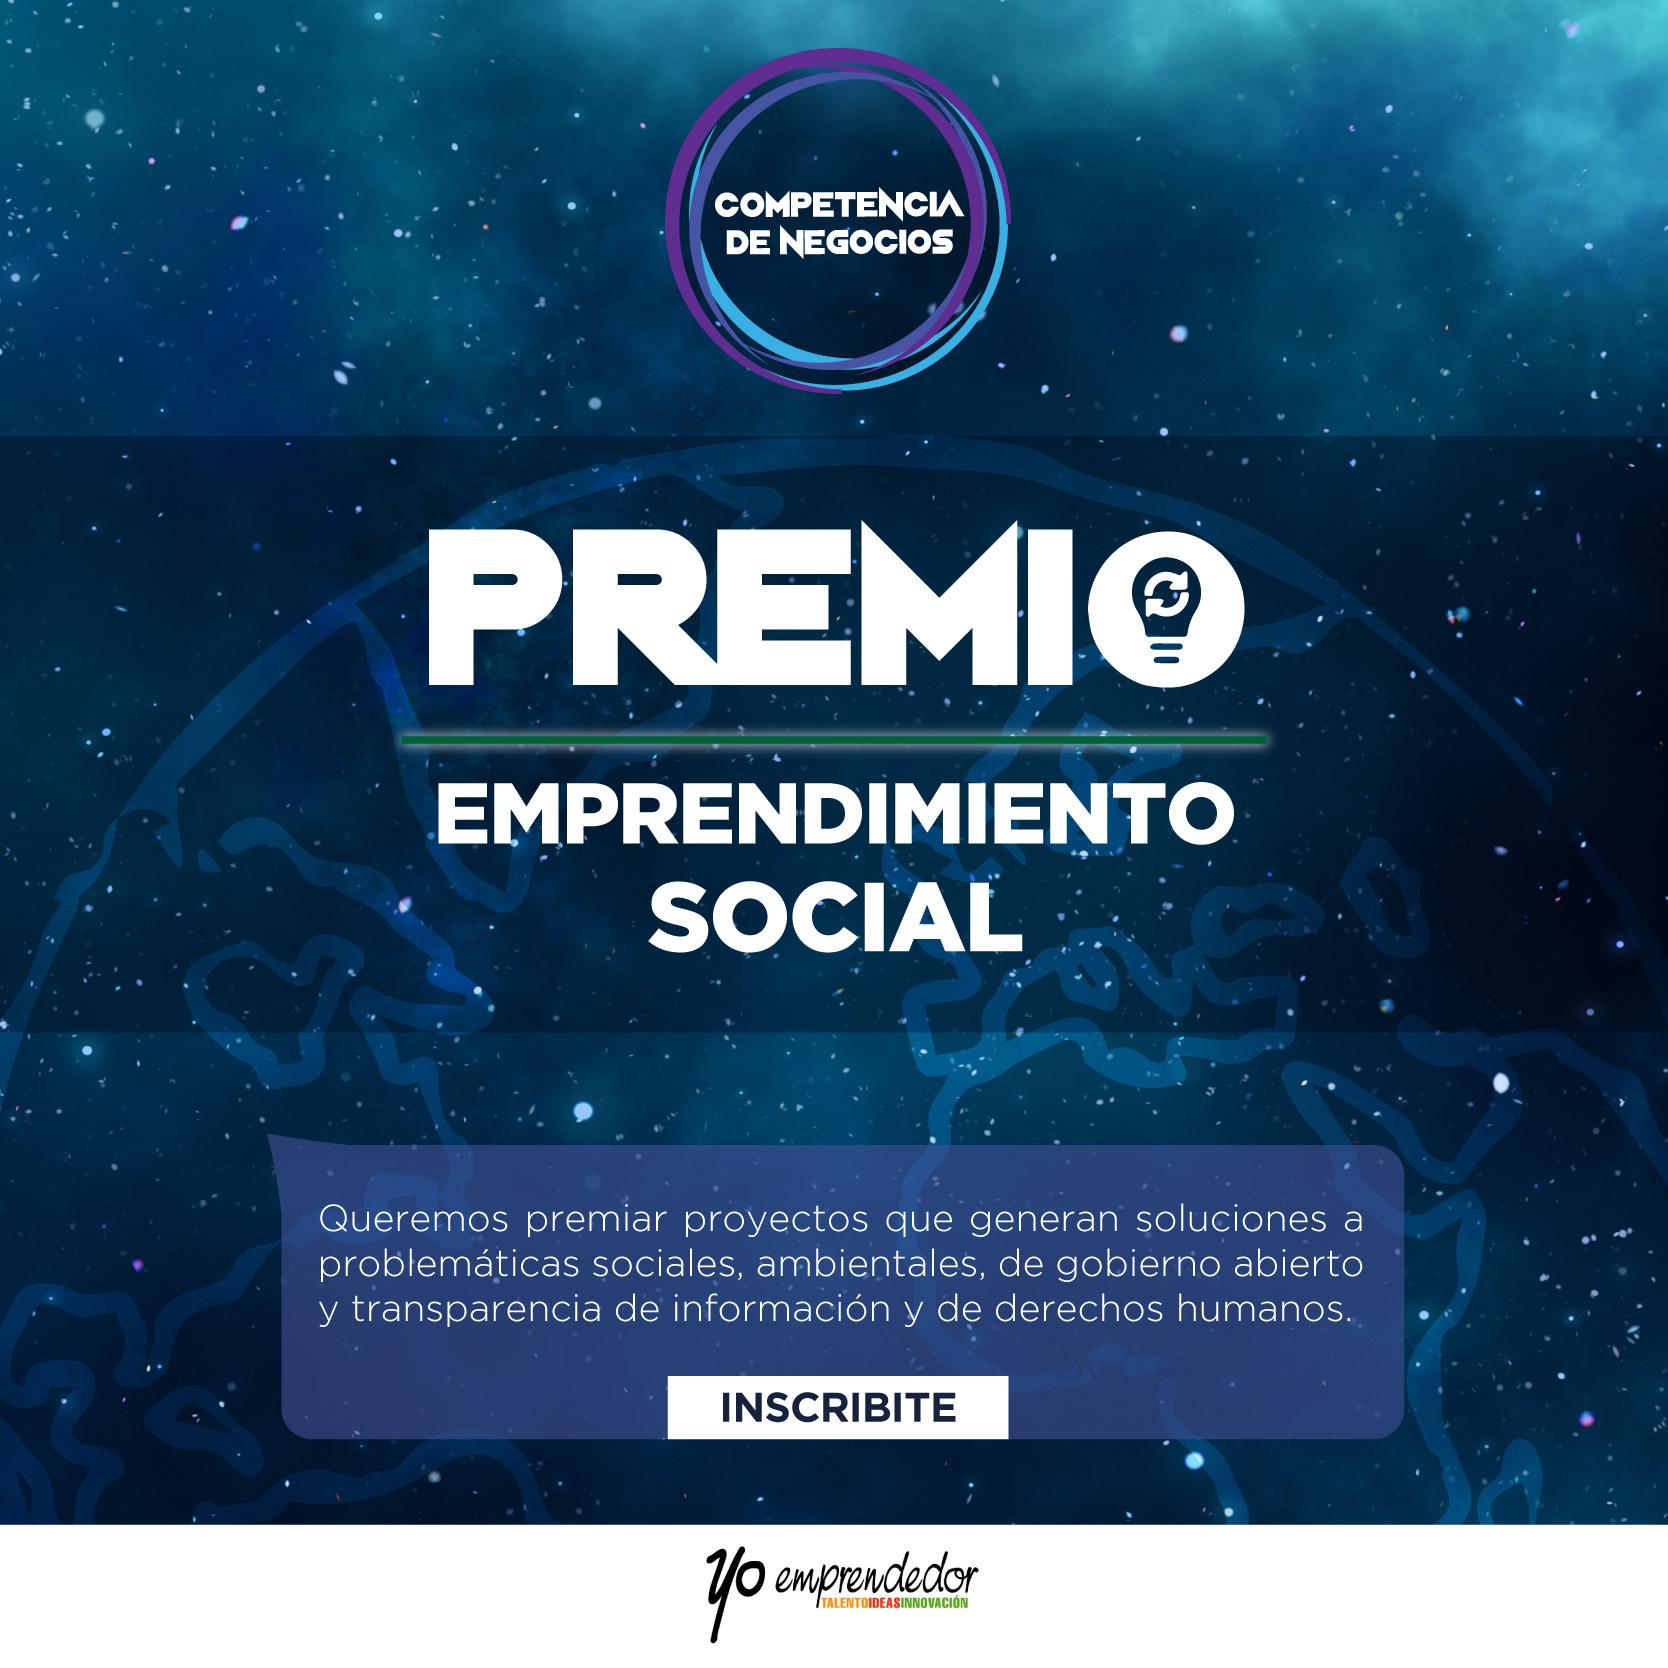 Pieza_Premios_2019-02.jpg